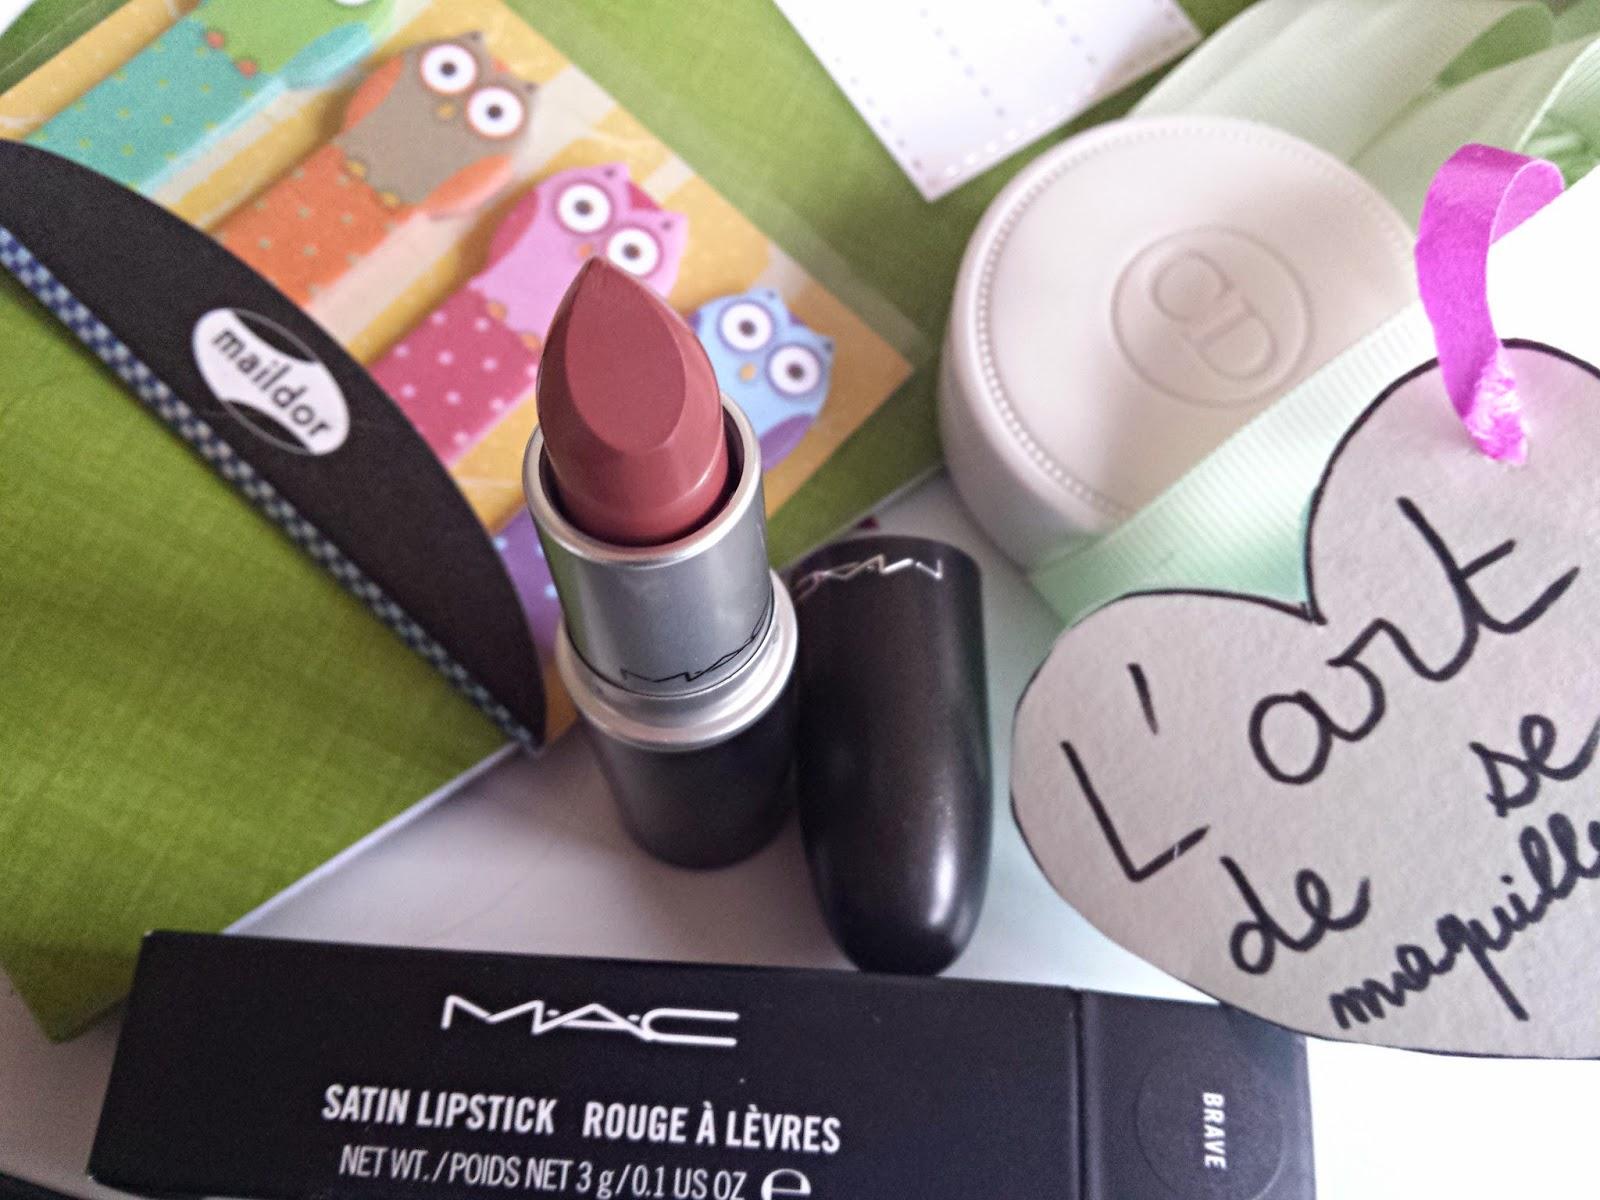 mac rouge lipstick pink plaid papier cadeau